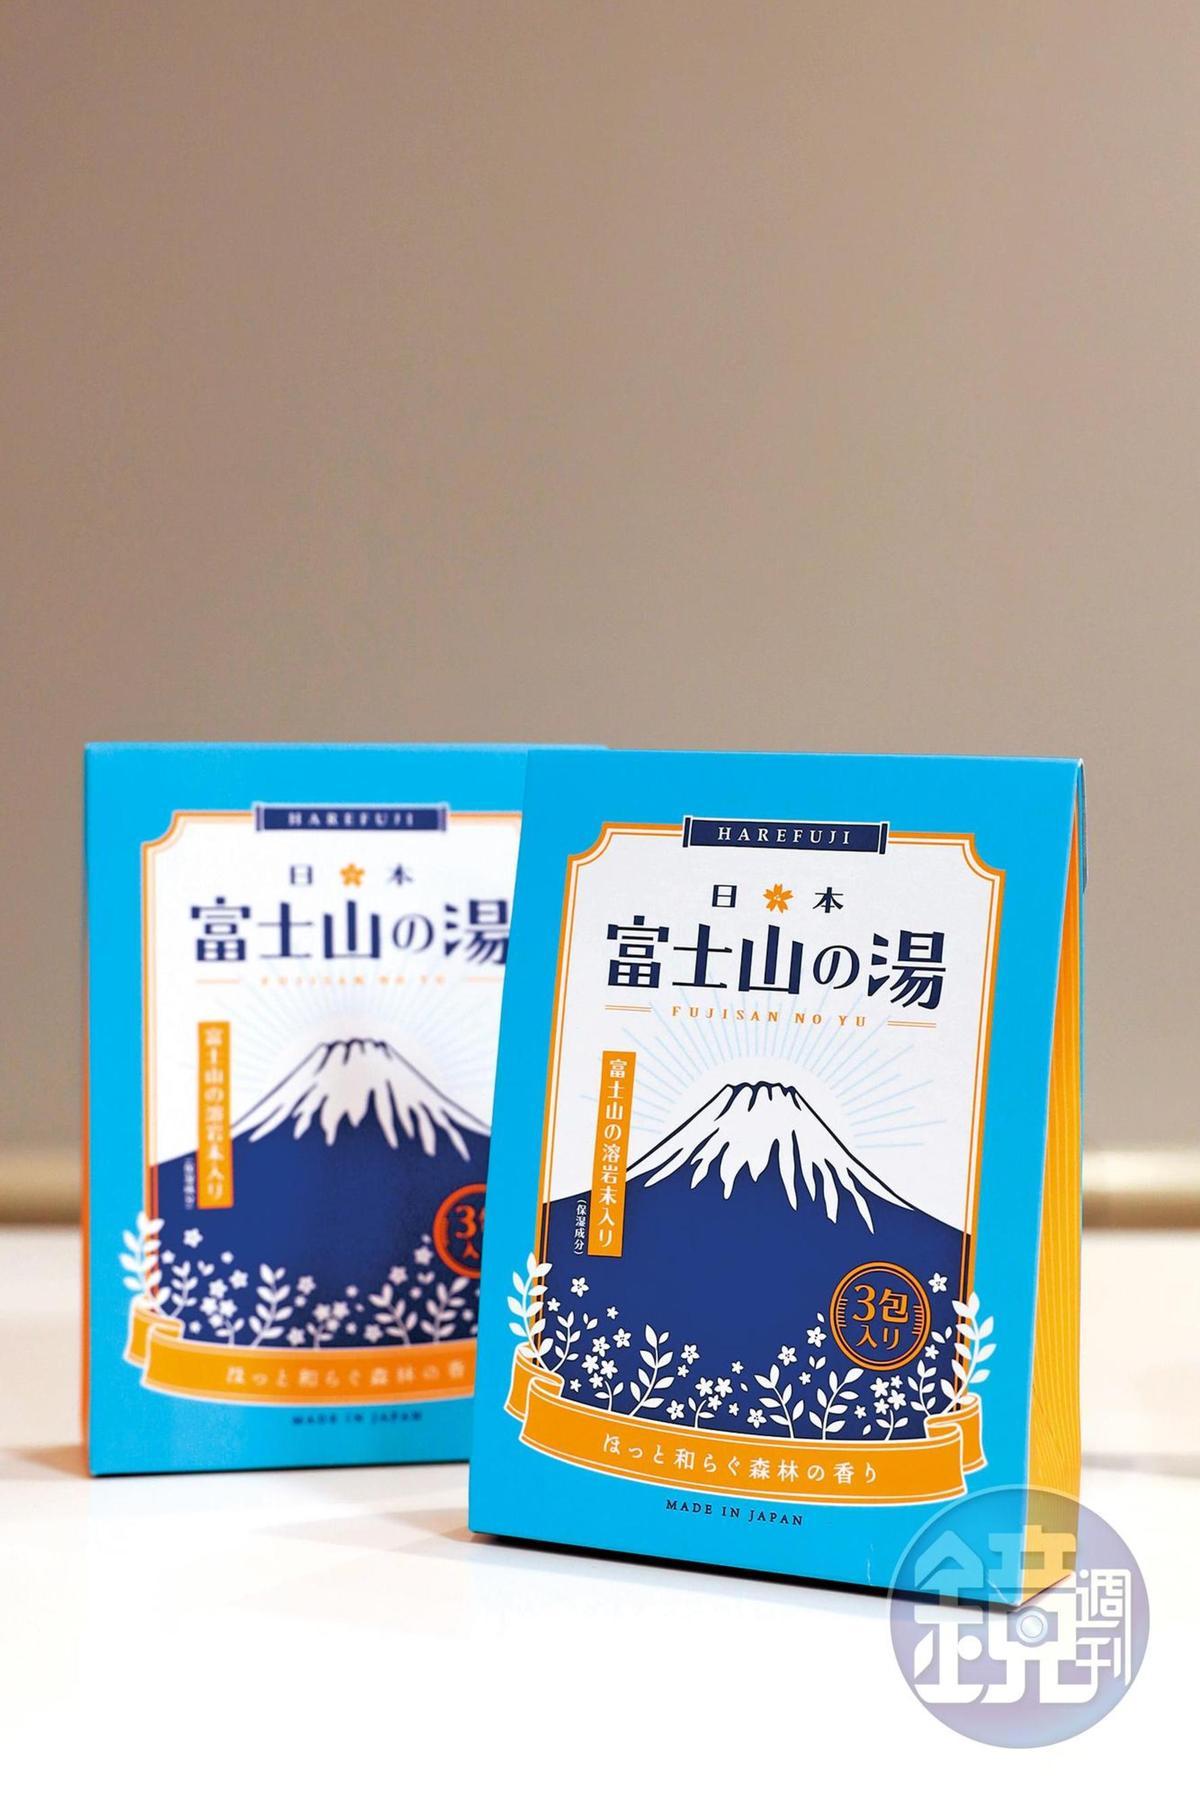 據說加入富士山熔岩粉末的溫泉粉。(440日圓/盒、3包,約NT$123)